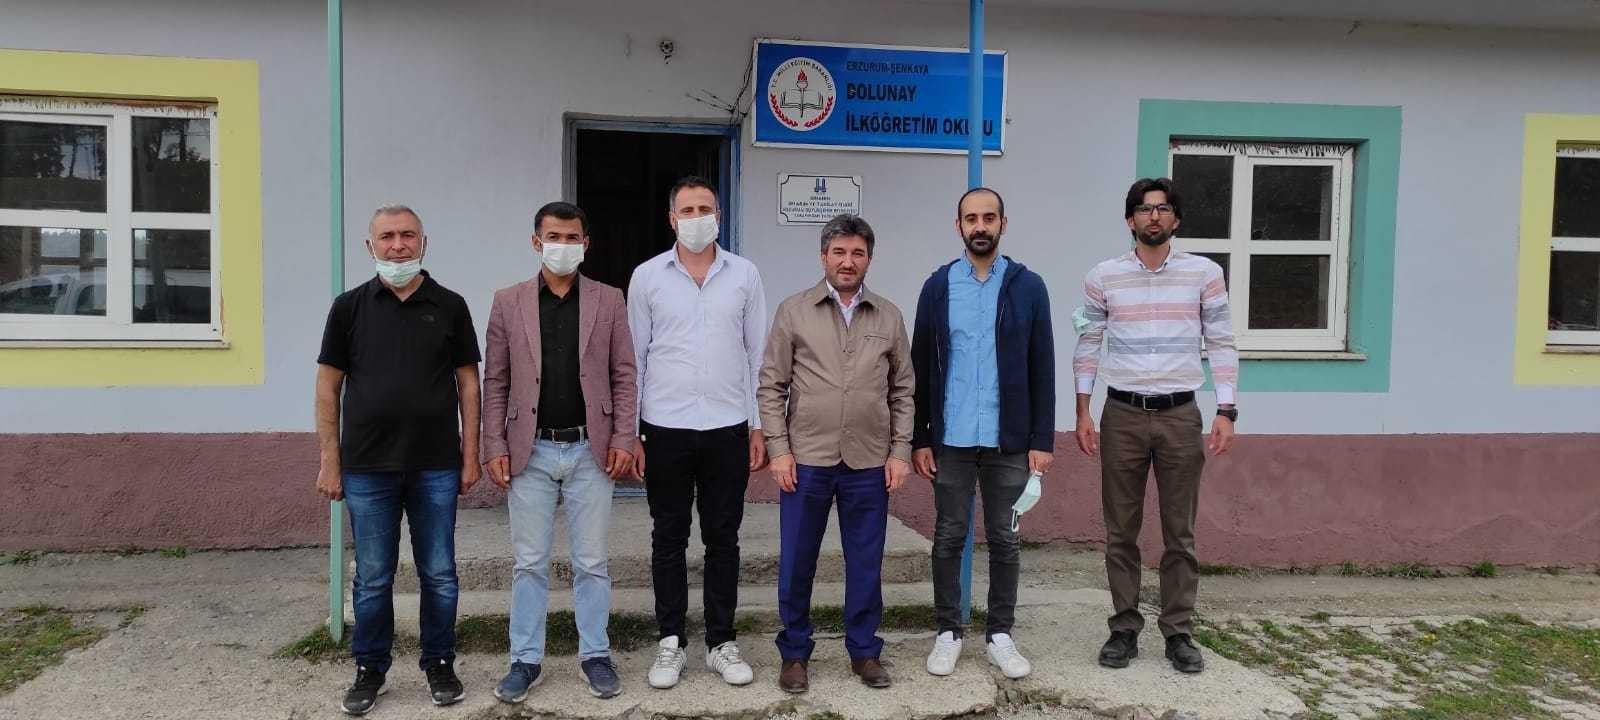 Erzurum Eğitim-Bir-Sen'den eğitim öğretime destek